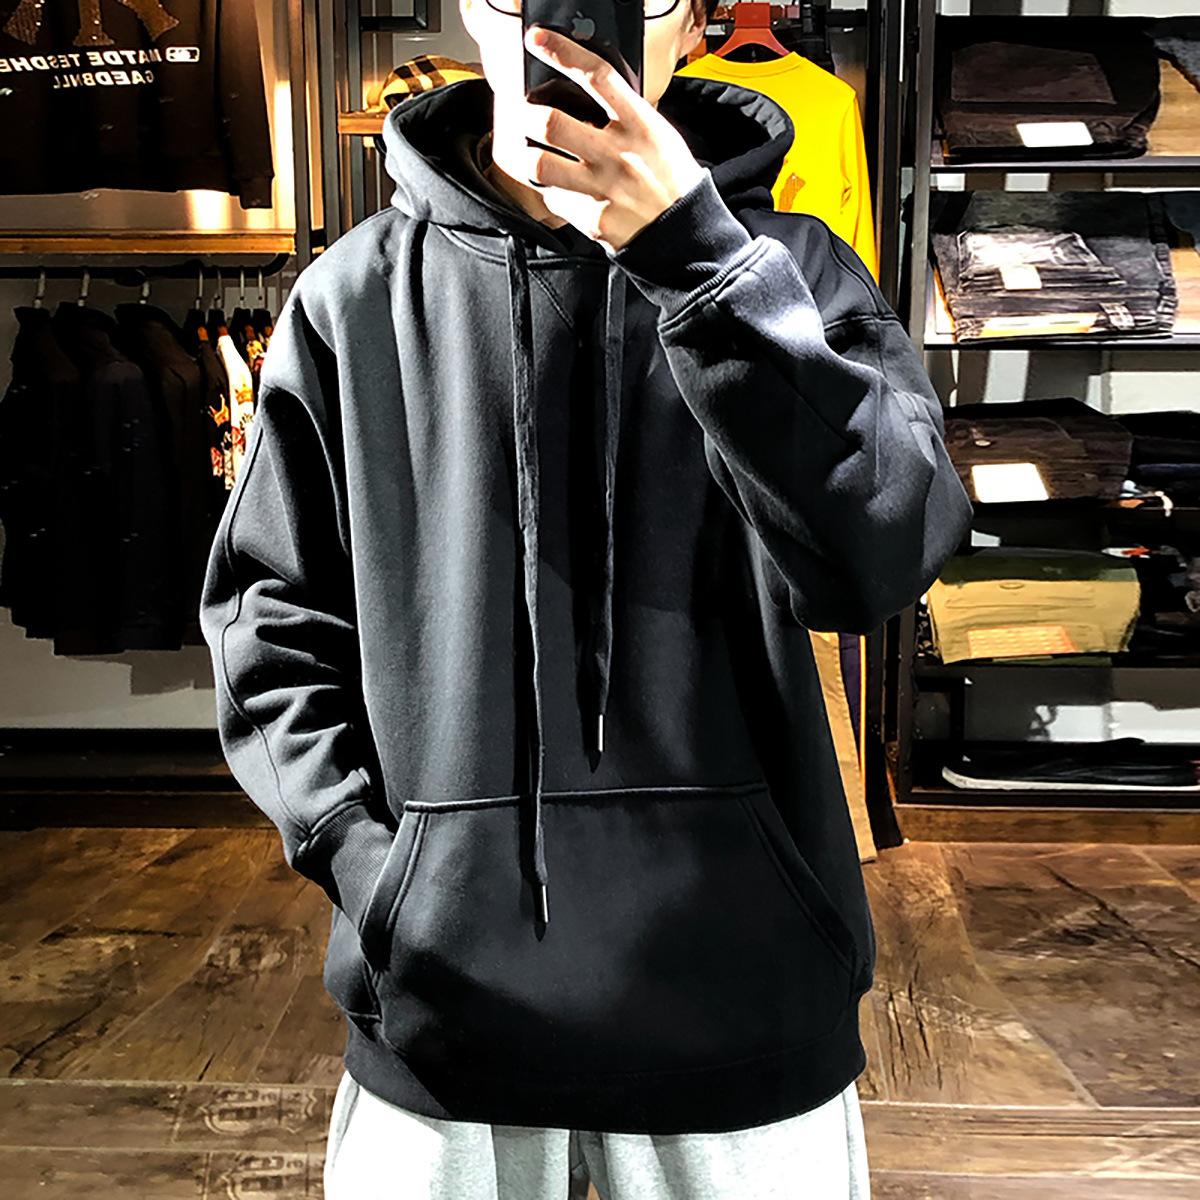 Áo thun nam mùa xuân phong cách Hong Kong trùm đầu hợp thời trang thương hiệu áo len nam màu đen tinh khiết - Áo len